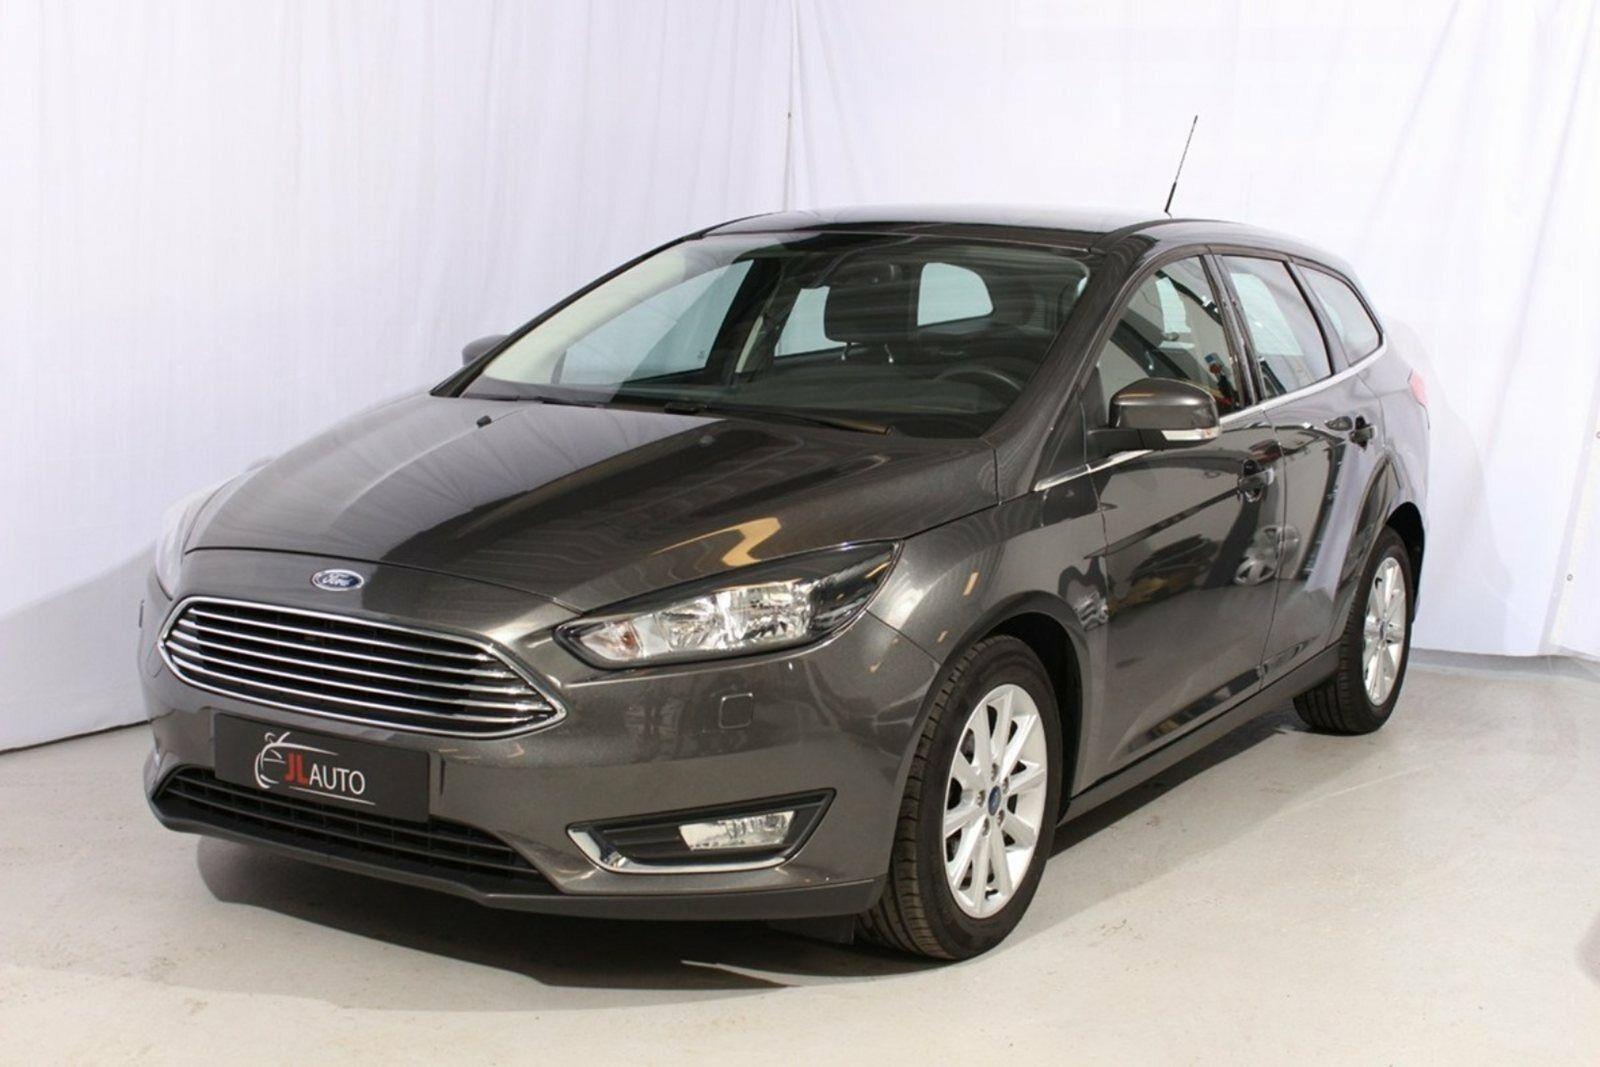 Ford Focus 1,5 TDCi 120 Titanium stc. aut. 5d - 219.990 kr.